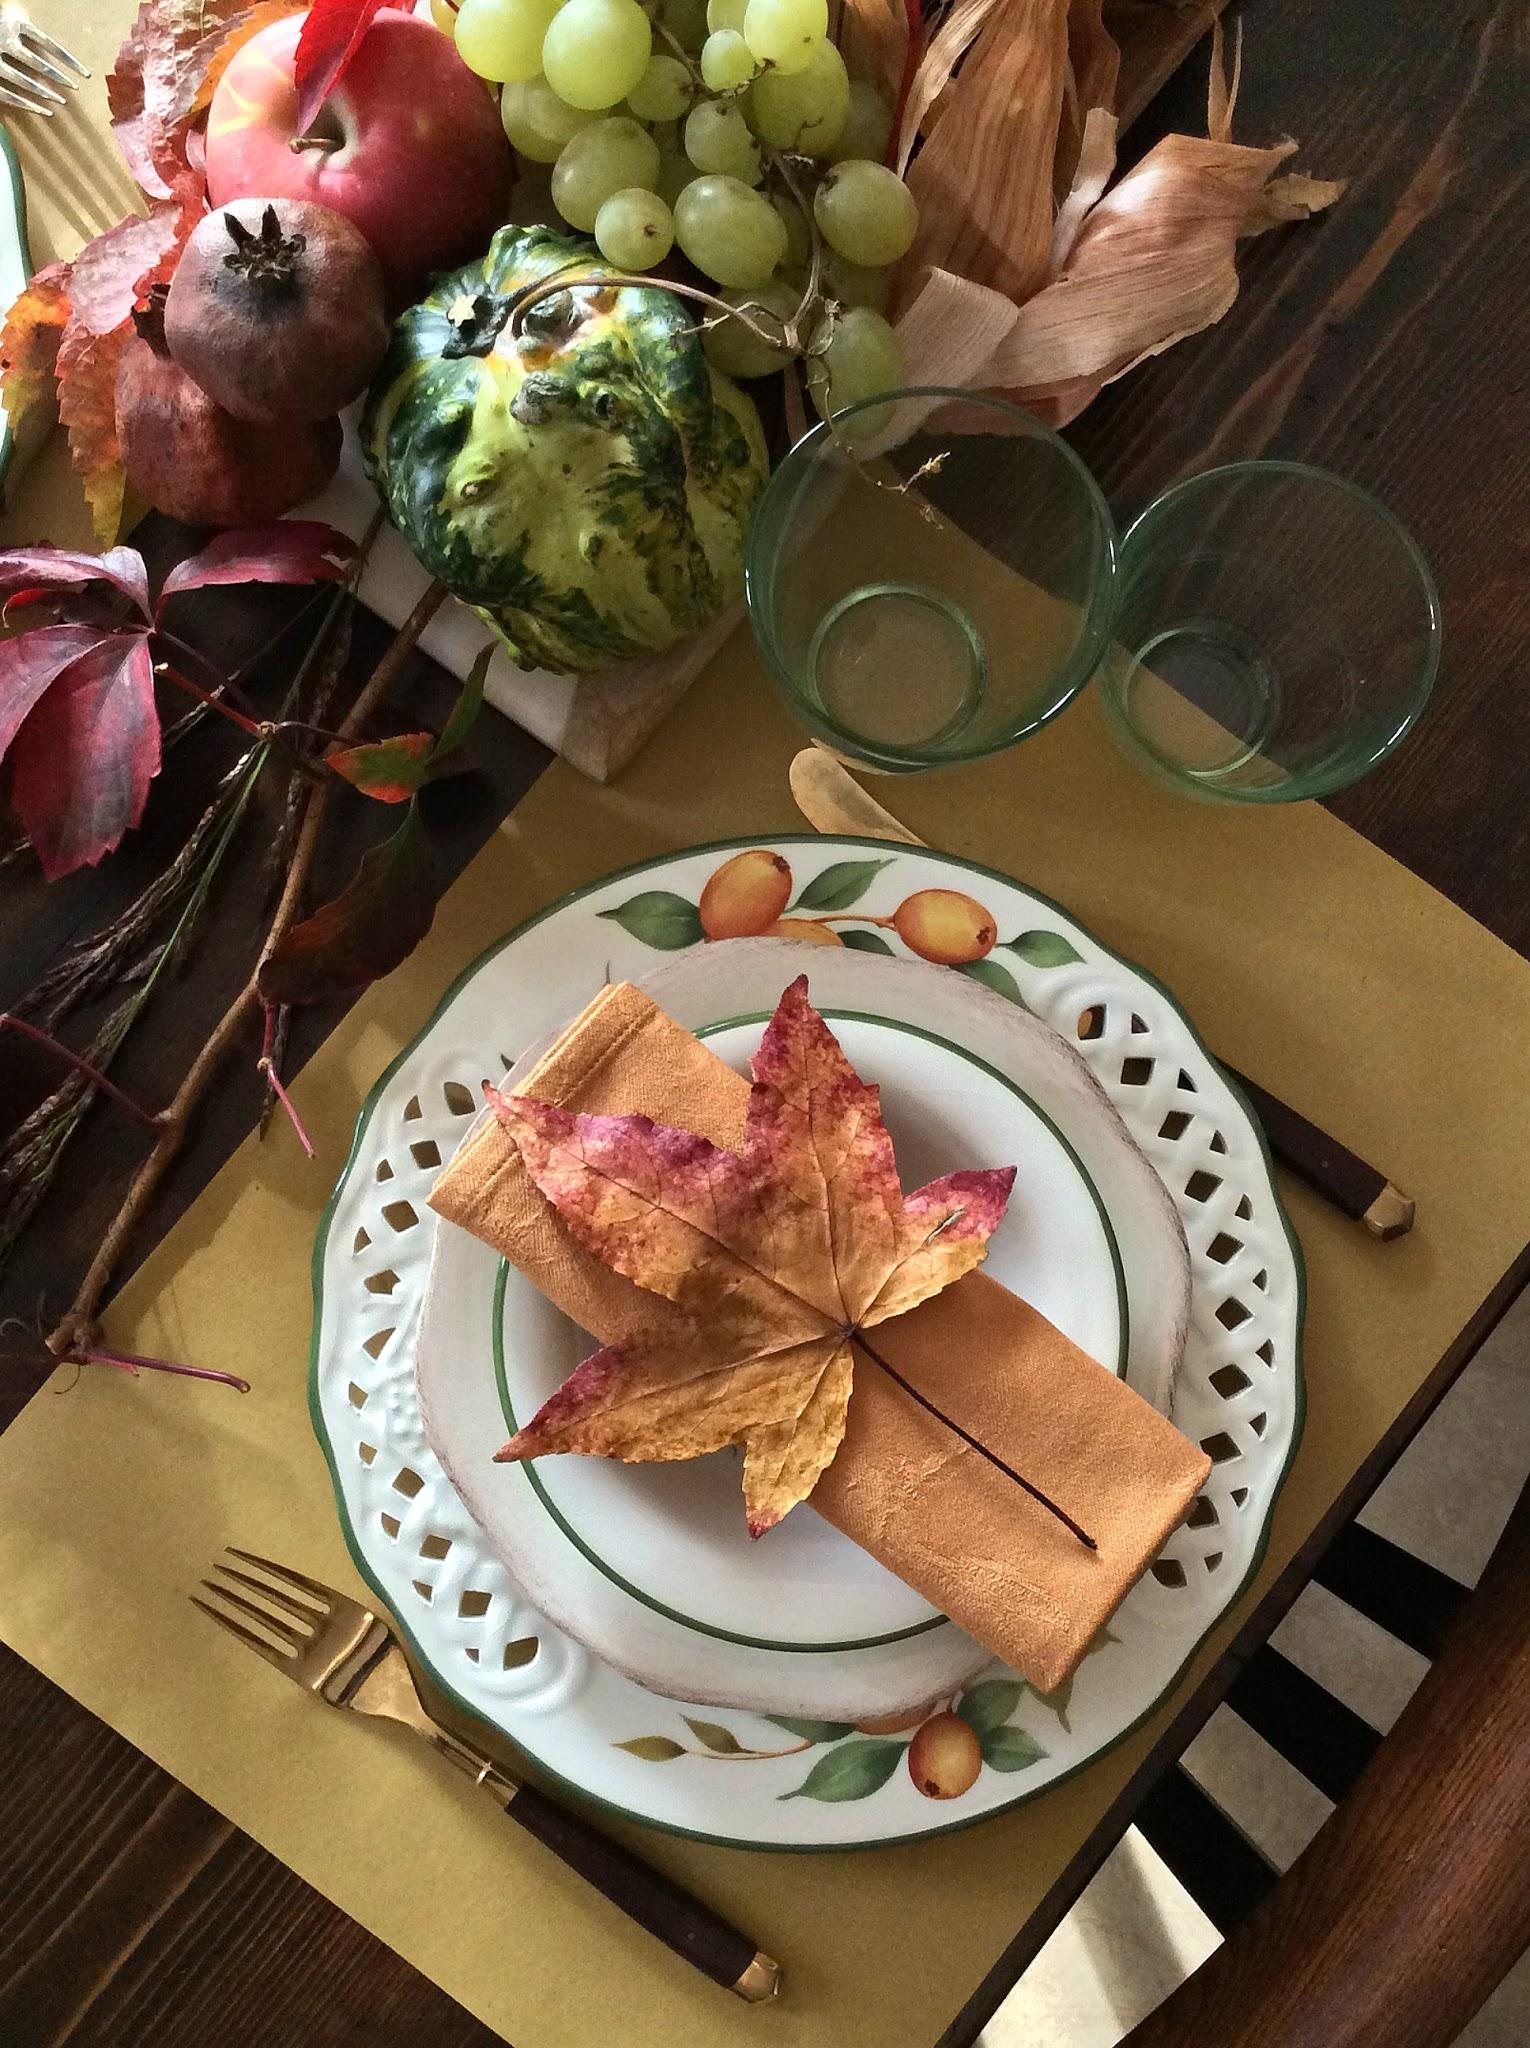 tavola con colori caldi